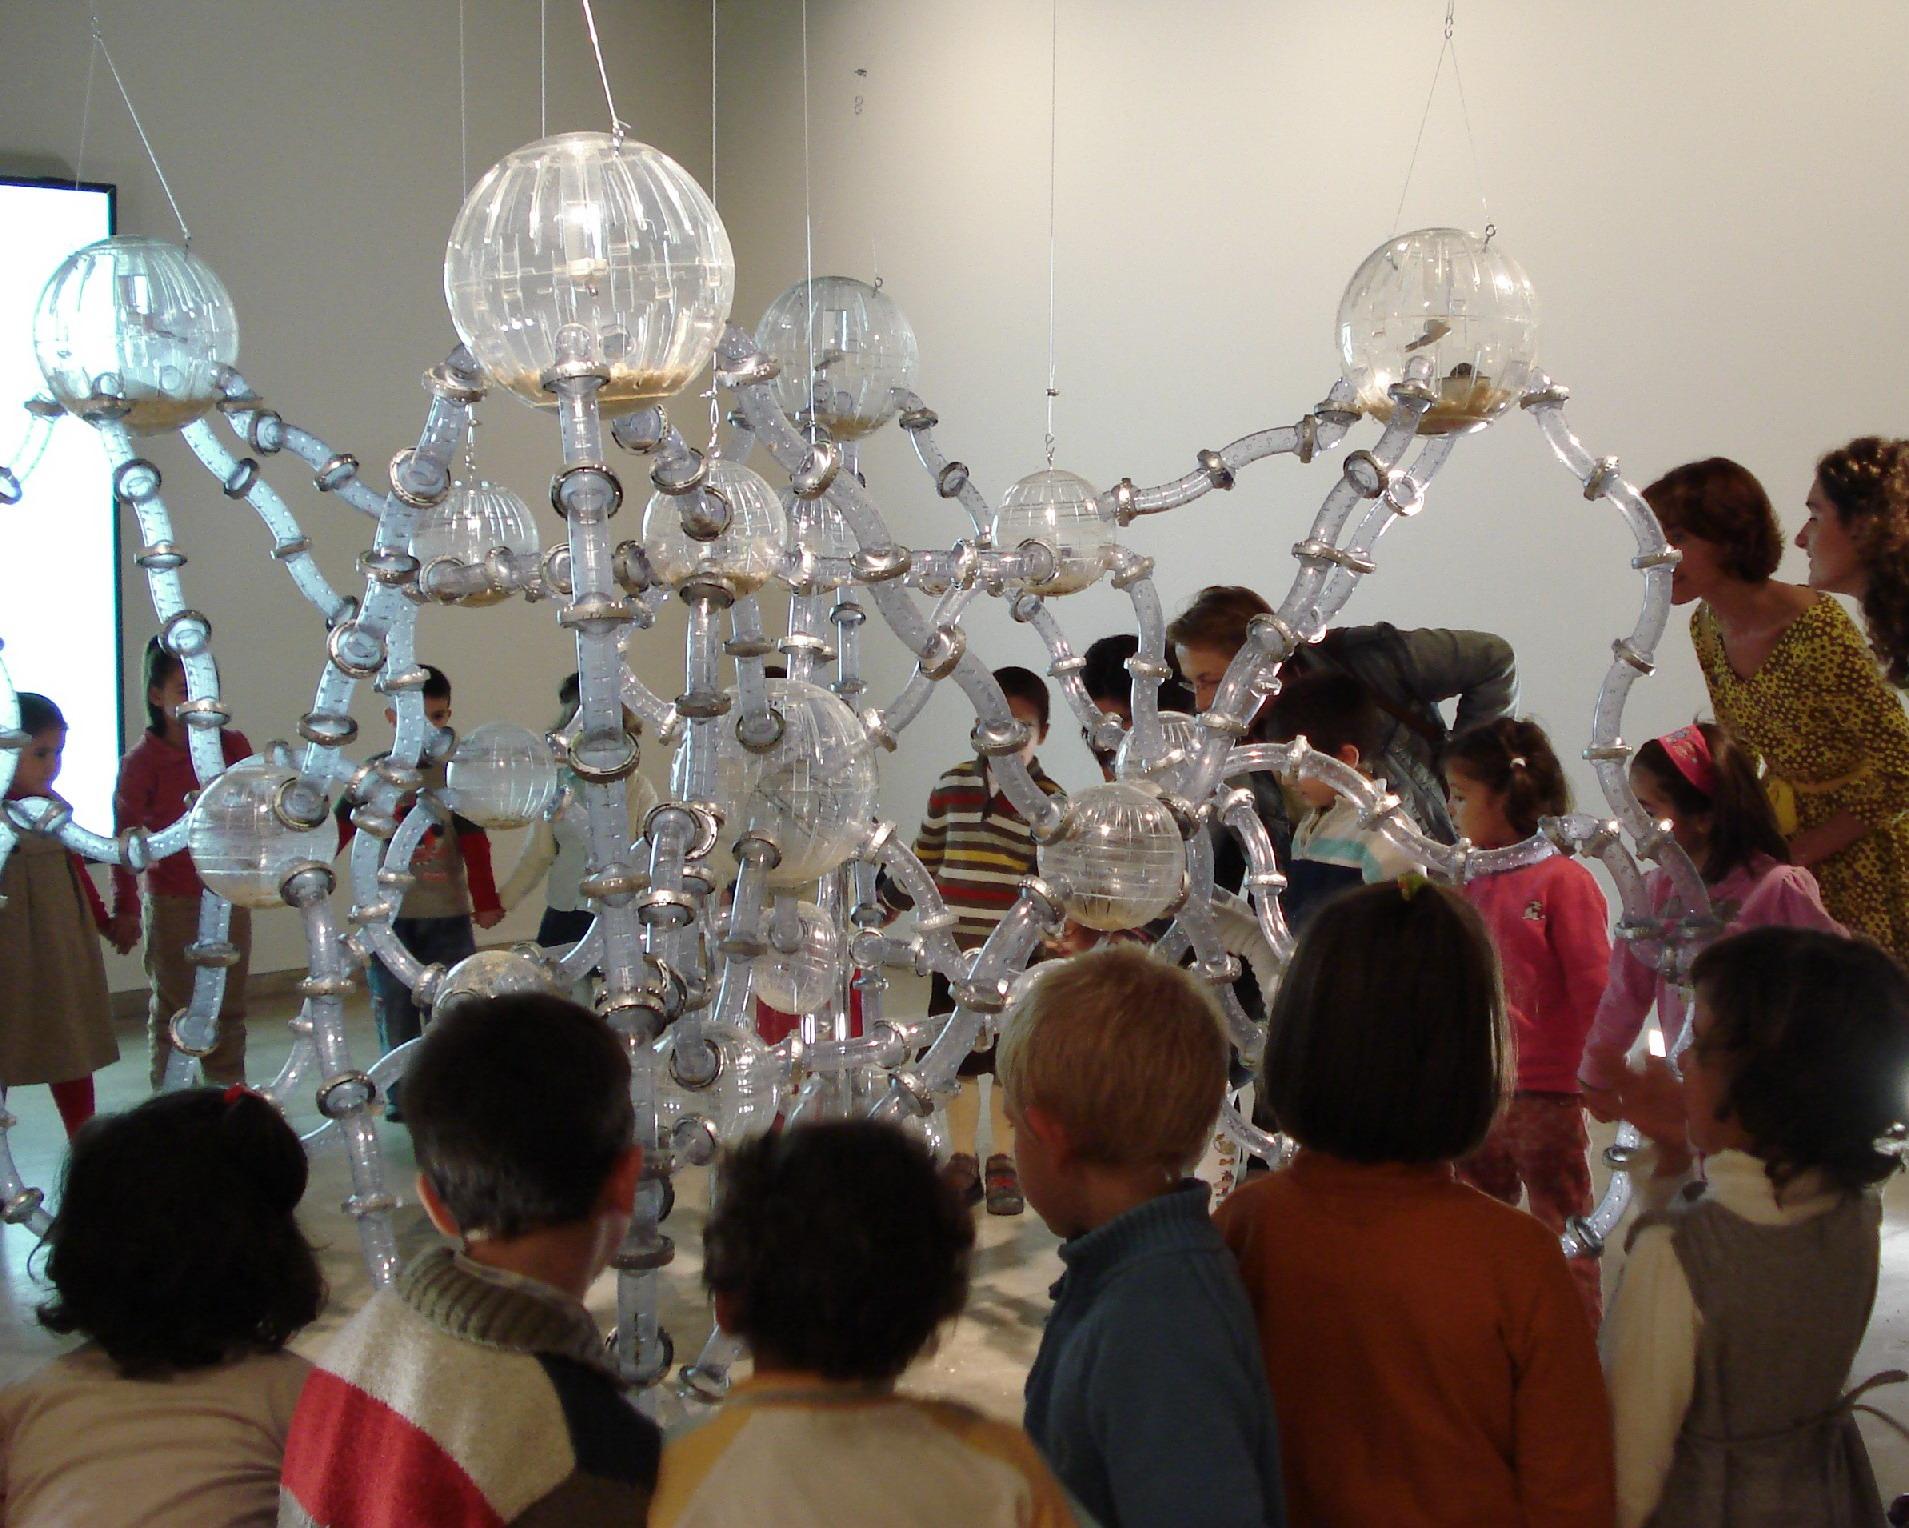 En el museo disfrutamos de la obra como un acontecimiento